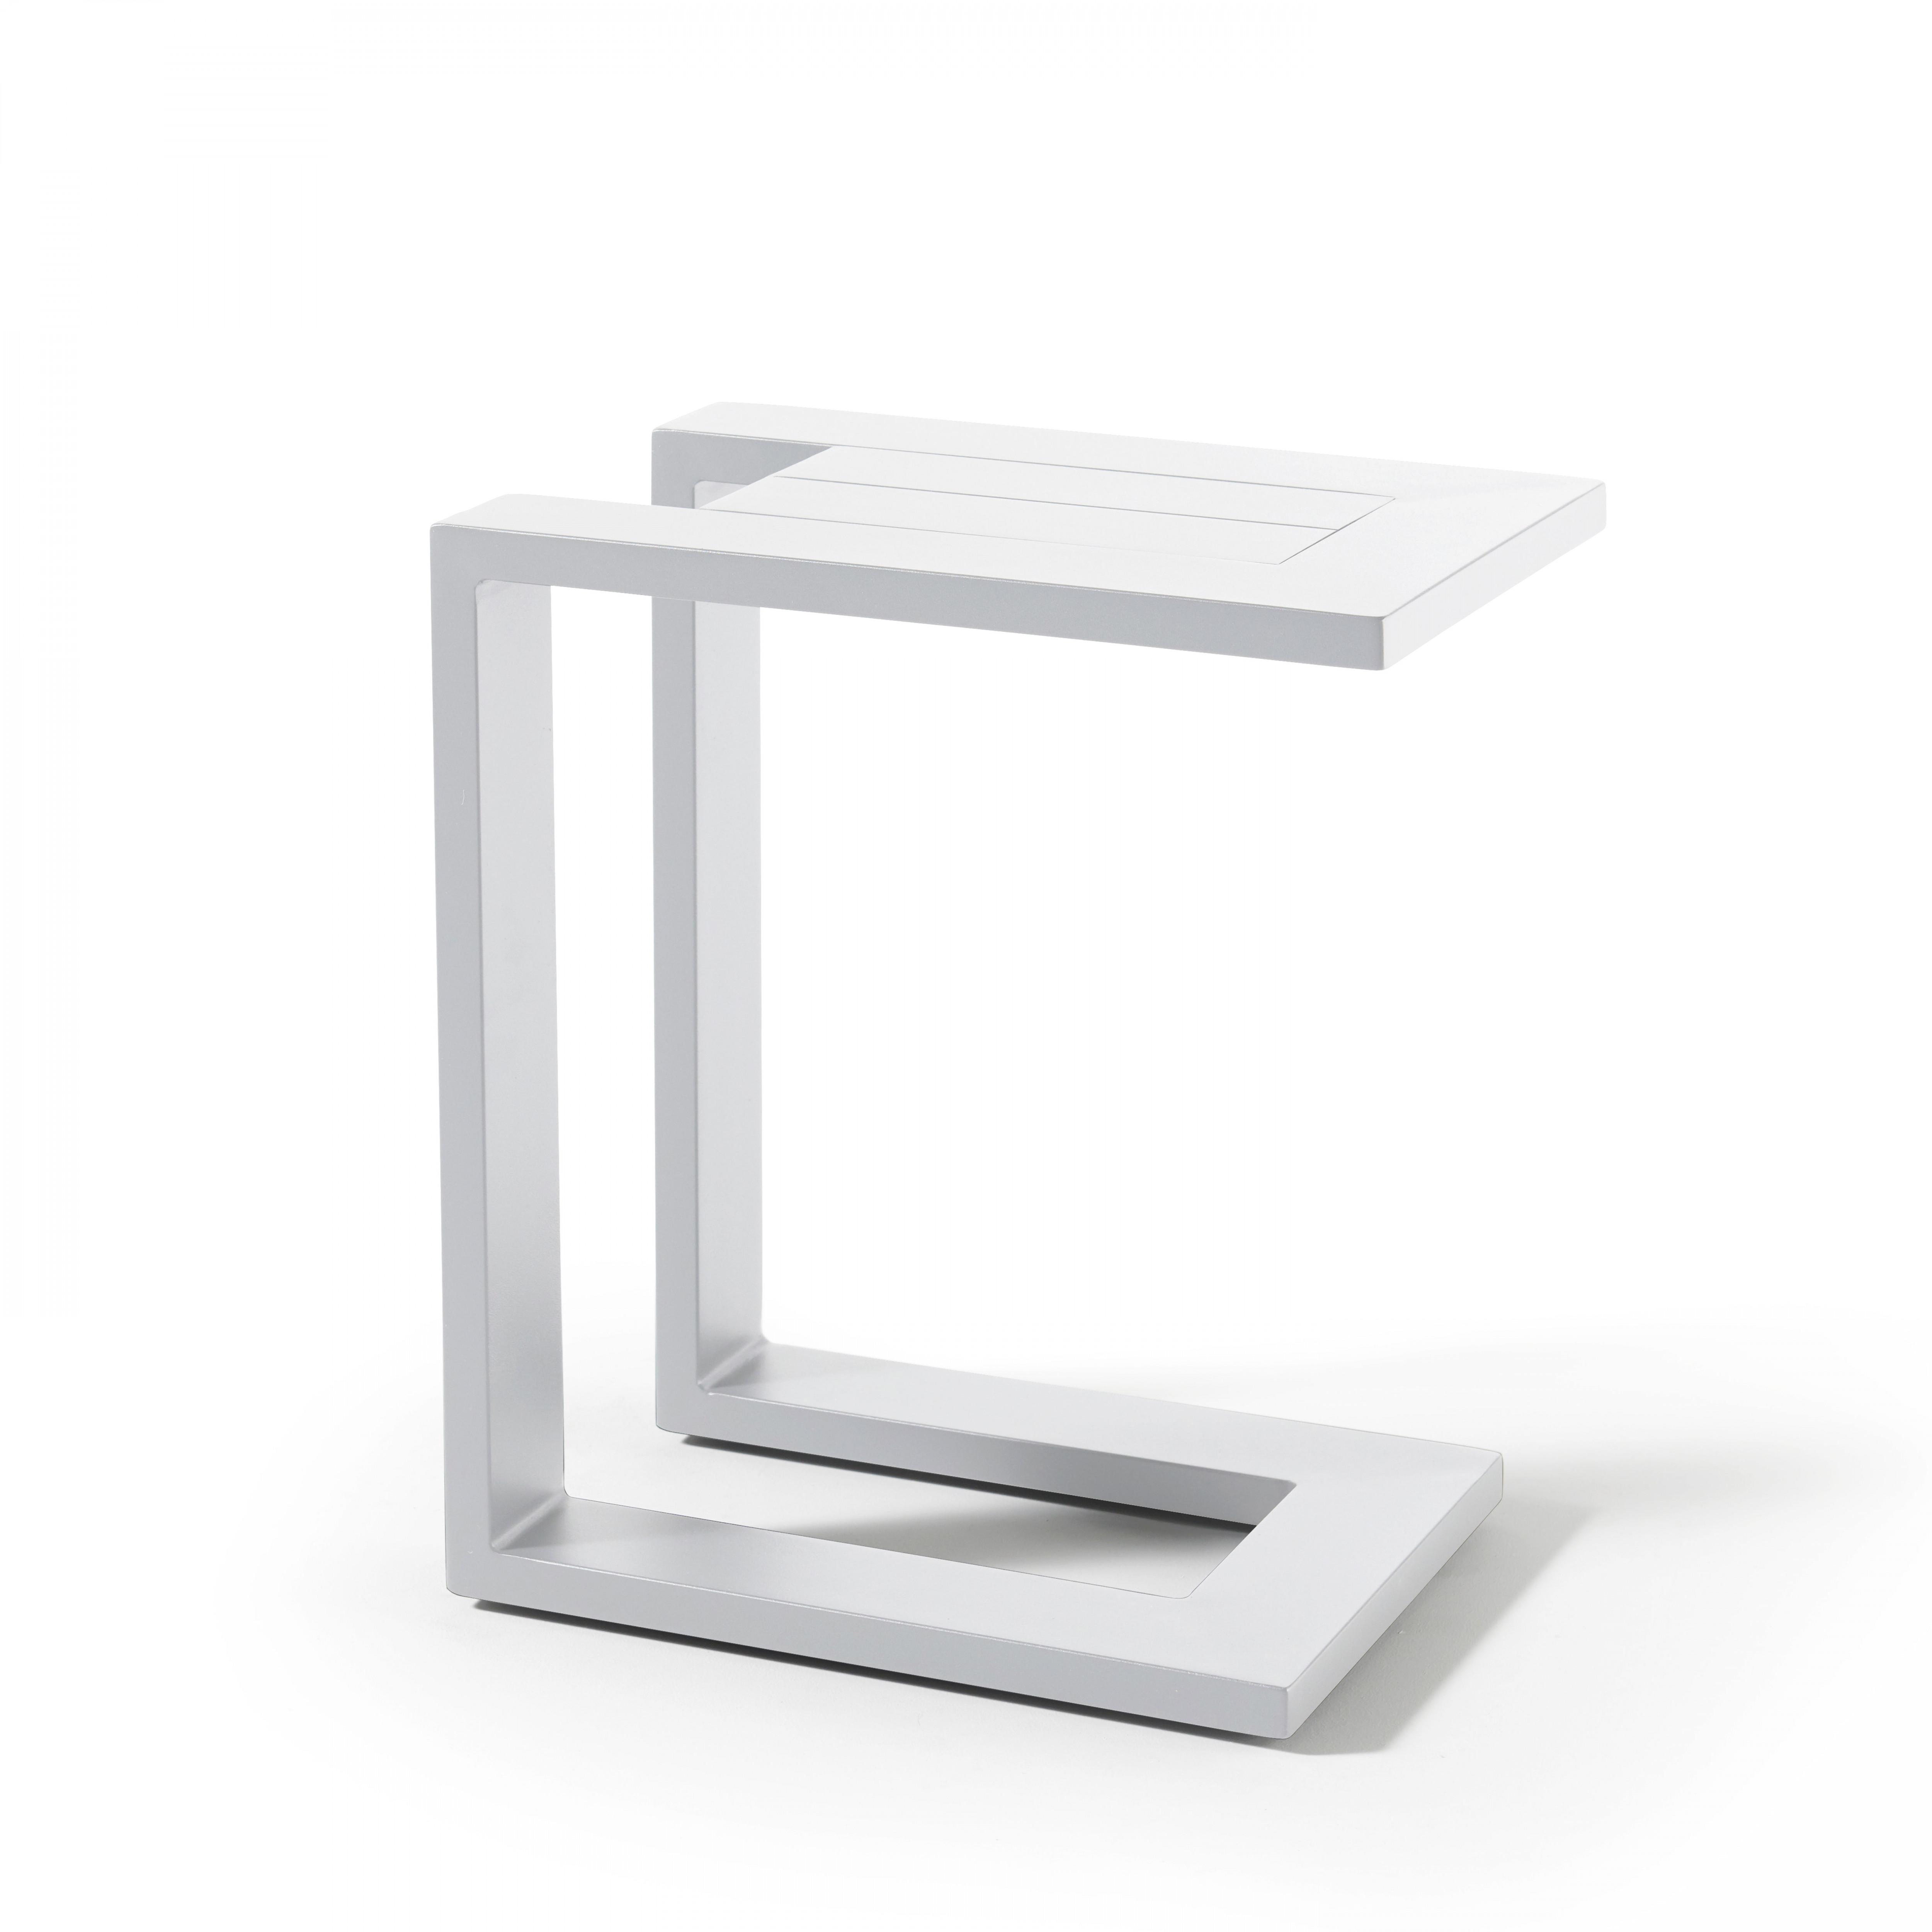 Tablette pour bain de soleil en aluminium blanc